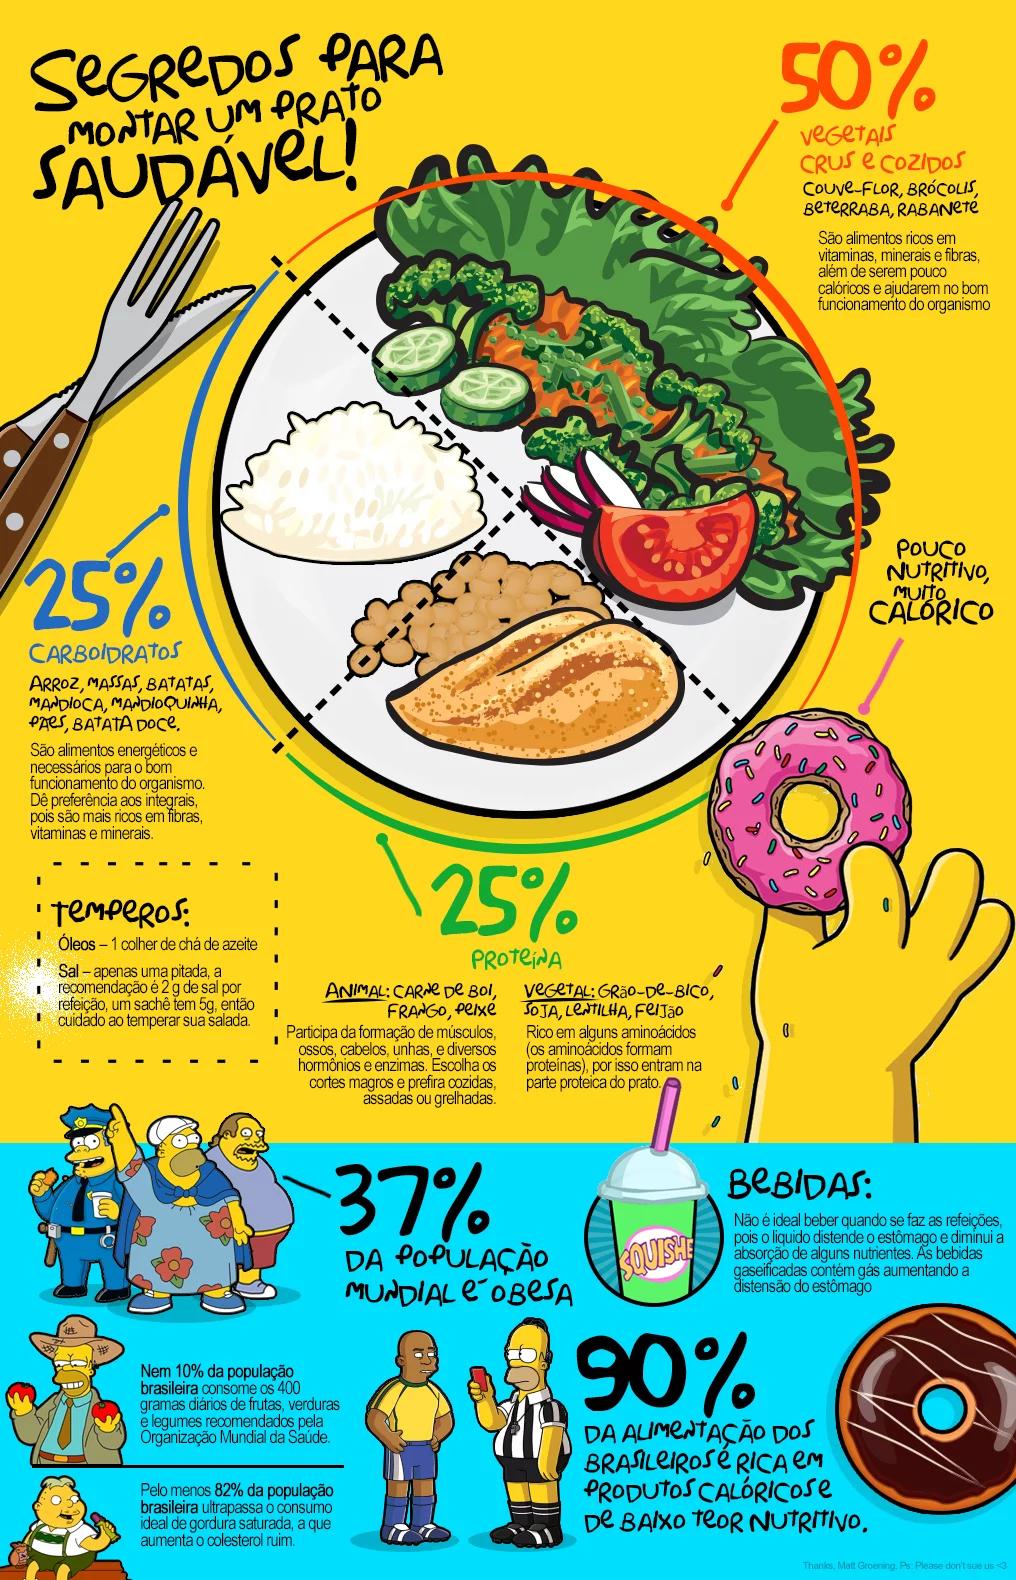 Os 12 Segredos para Montar um Prato Nutritivo e Saudável